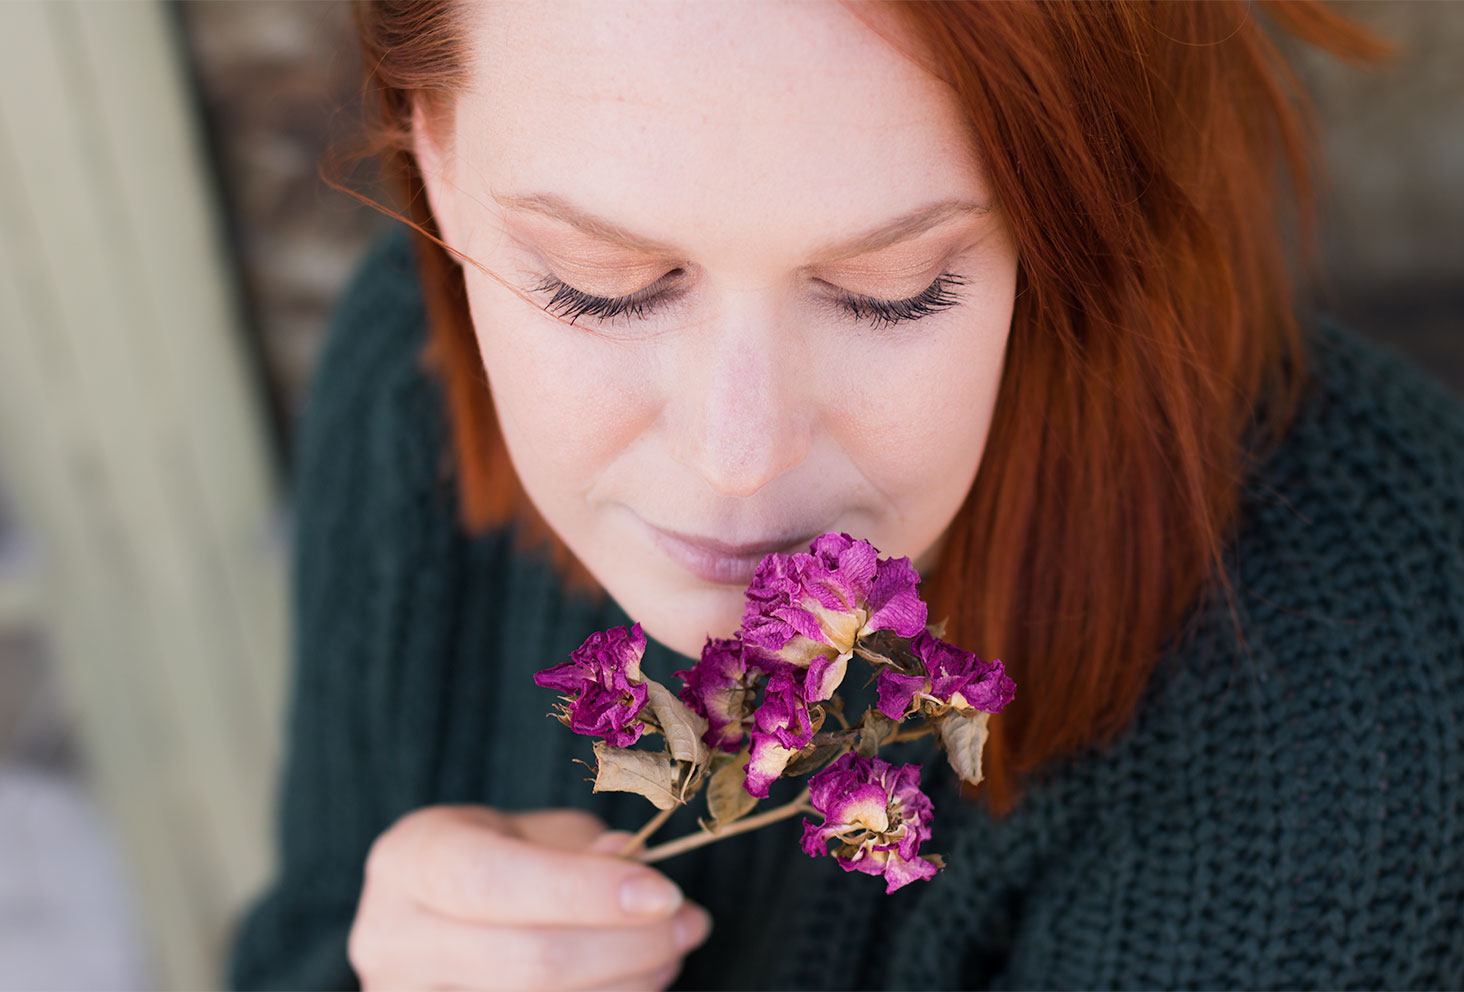 Zoom sur le make-up réalisé avec la palette Soft Glam, des fleurs sèches violettes dans la main près du visage